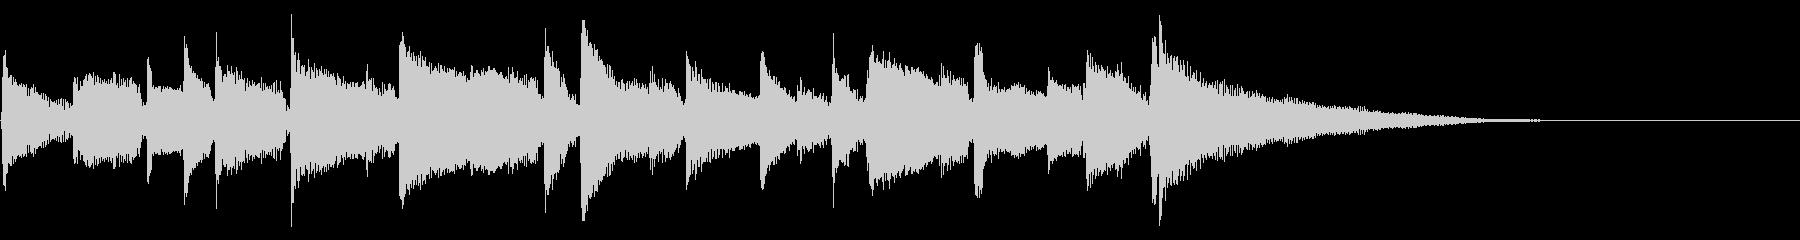 生音アコギの優しい音色のBGMの未再生の波形